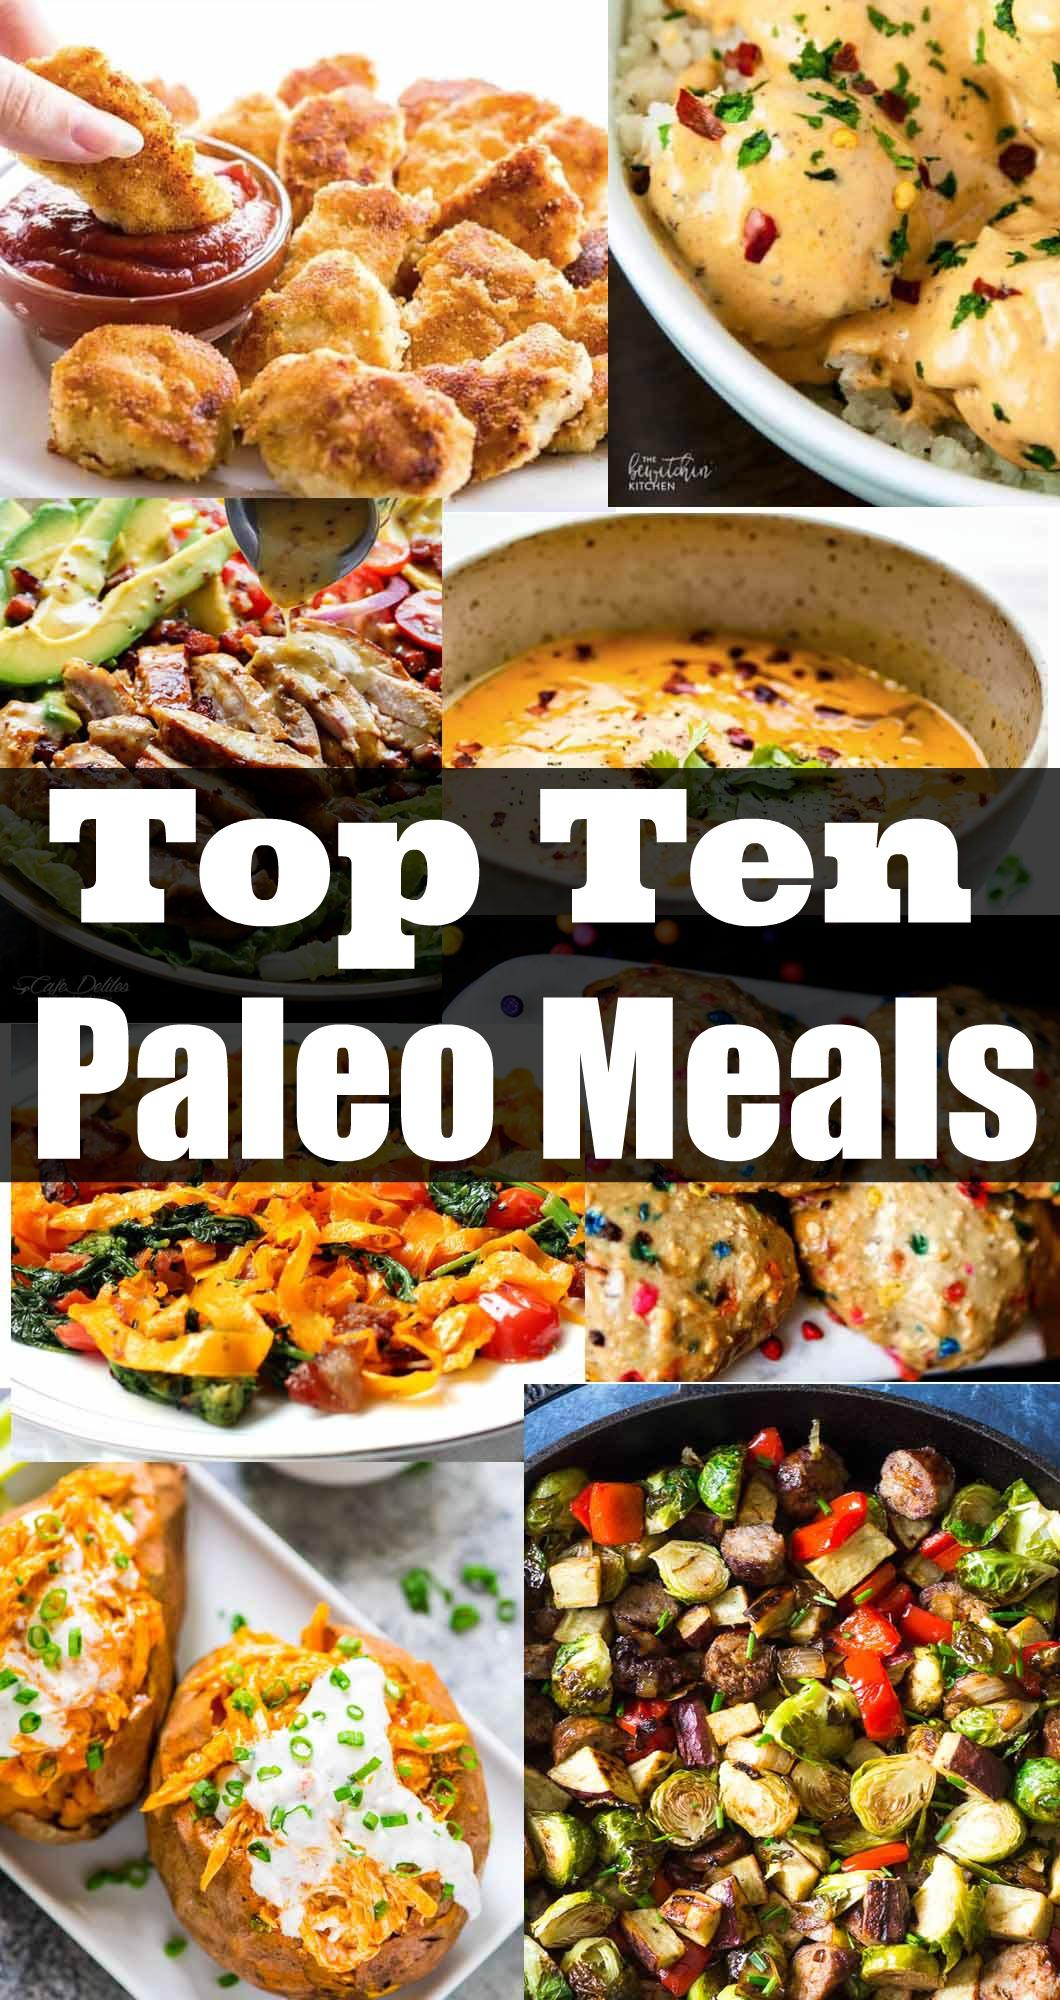 Top Ten Paleo Meals